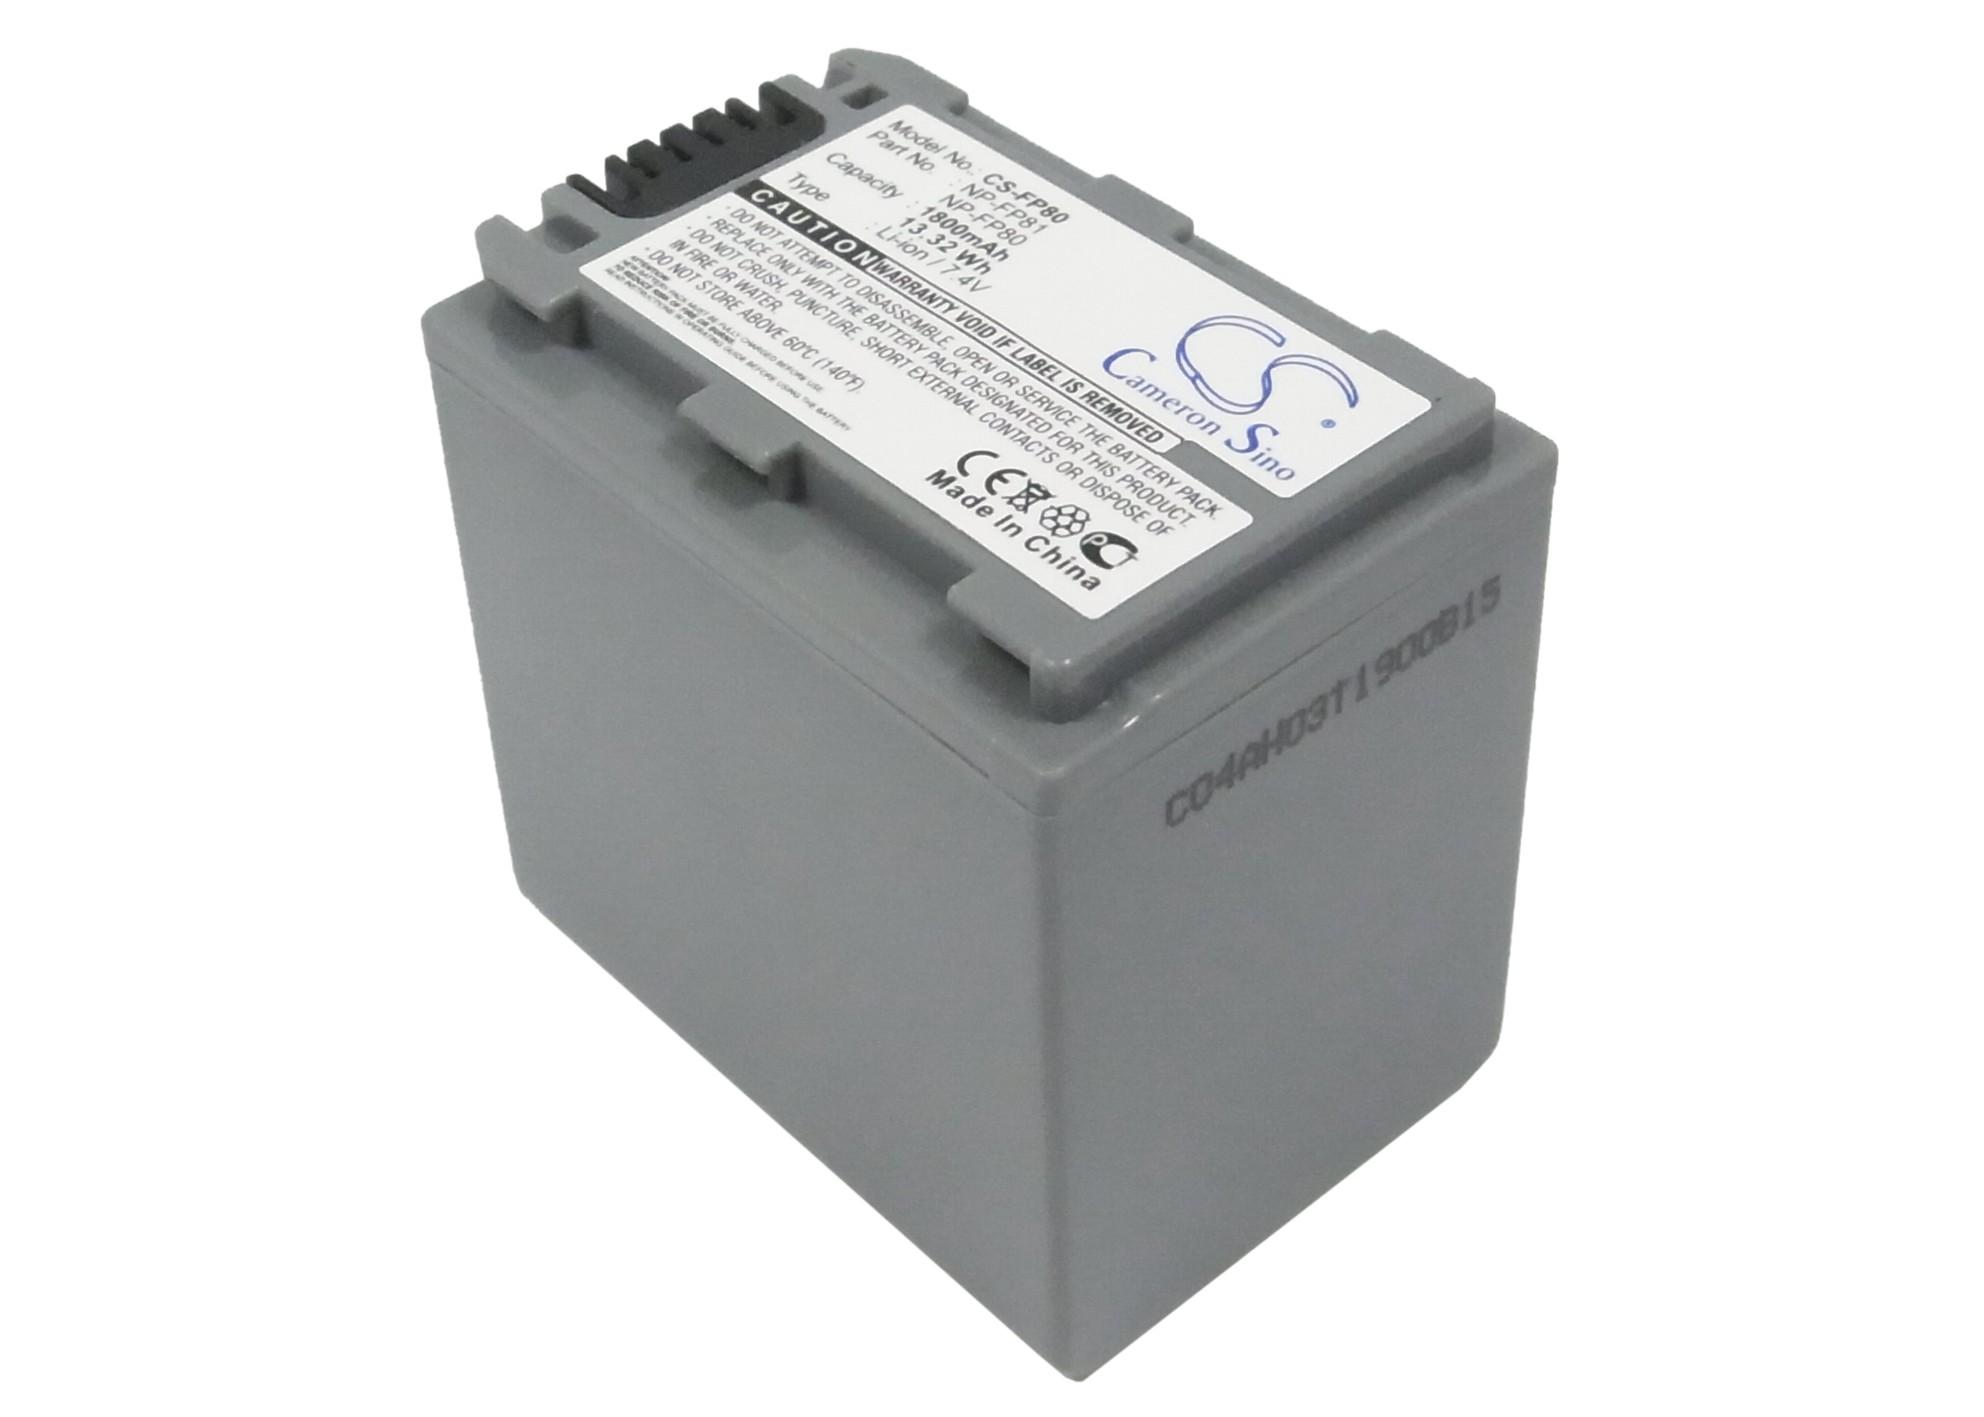 Cameron Sino baterie do kamer a fotoaparátů pro SONY DCR-HC32 7.4V Li-ion 1800mAh tmavě šedá - neoriginální